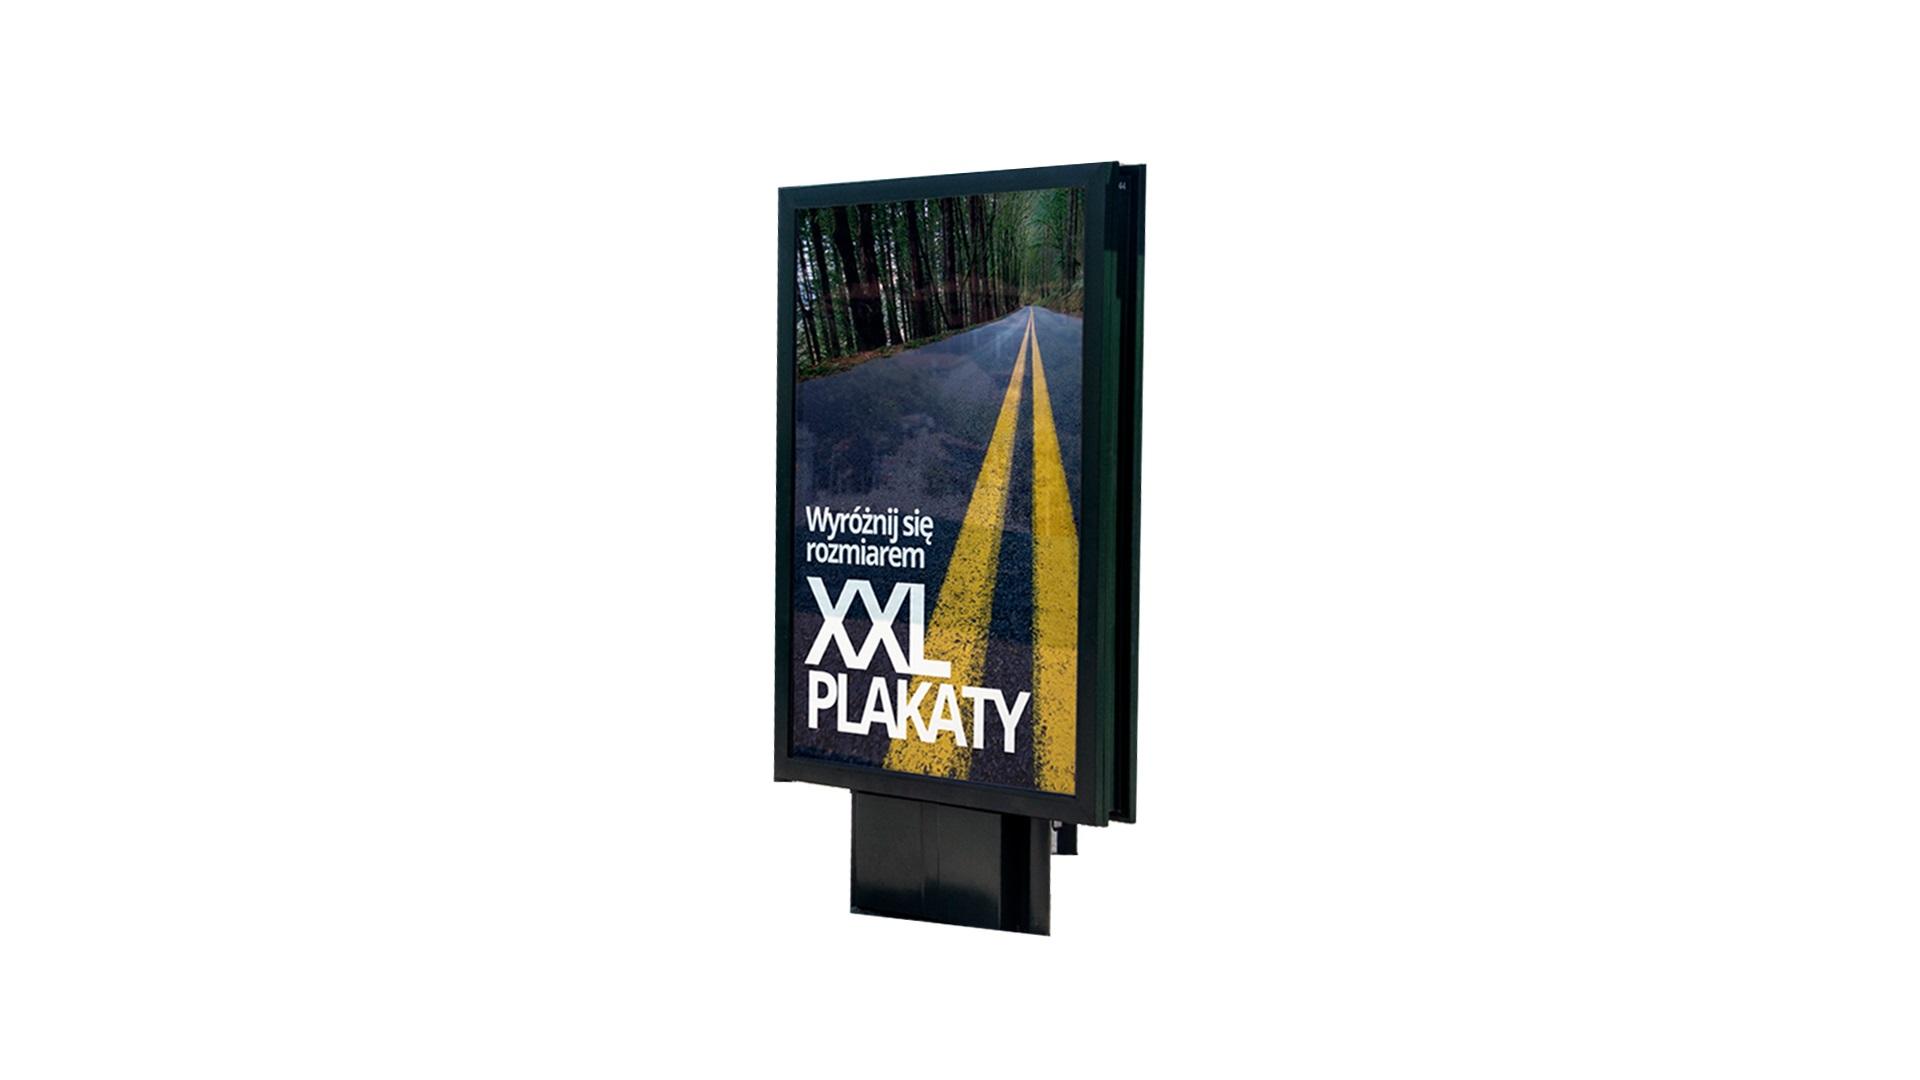 Plakaty-xxl